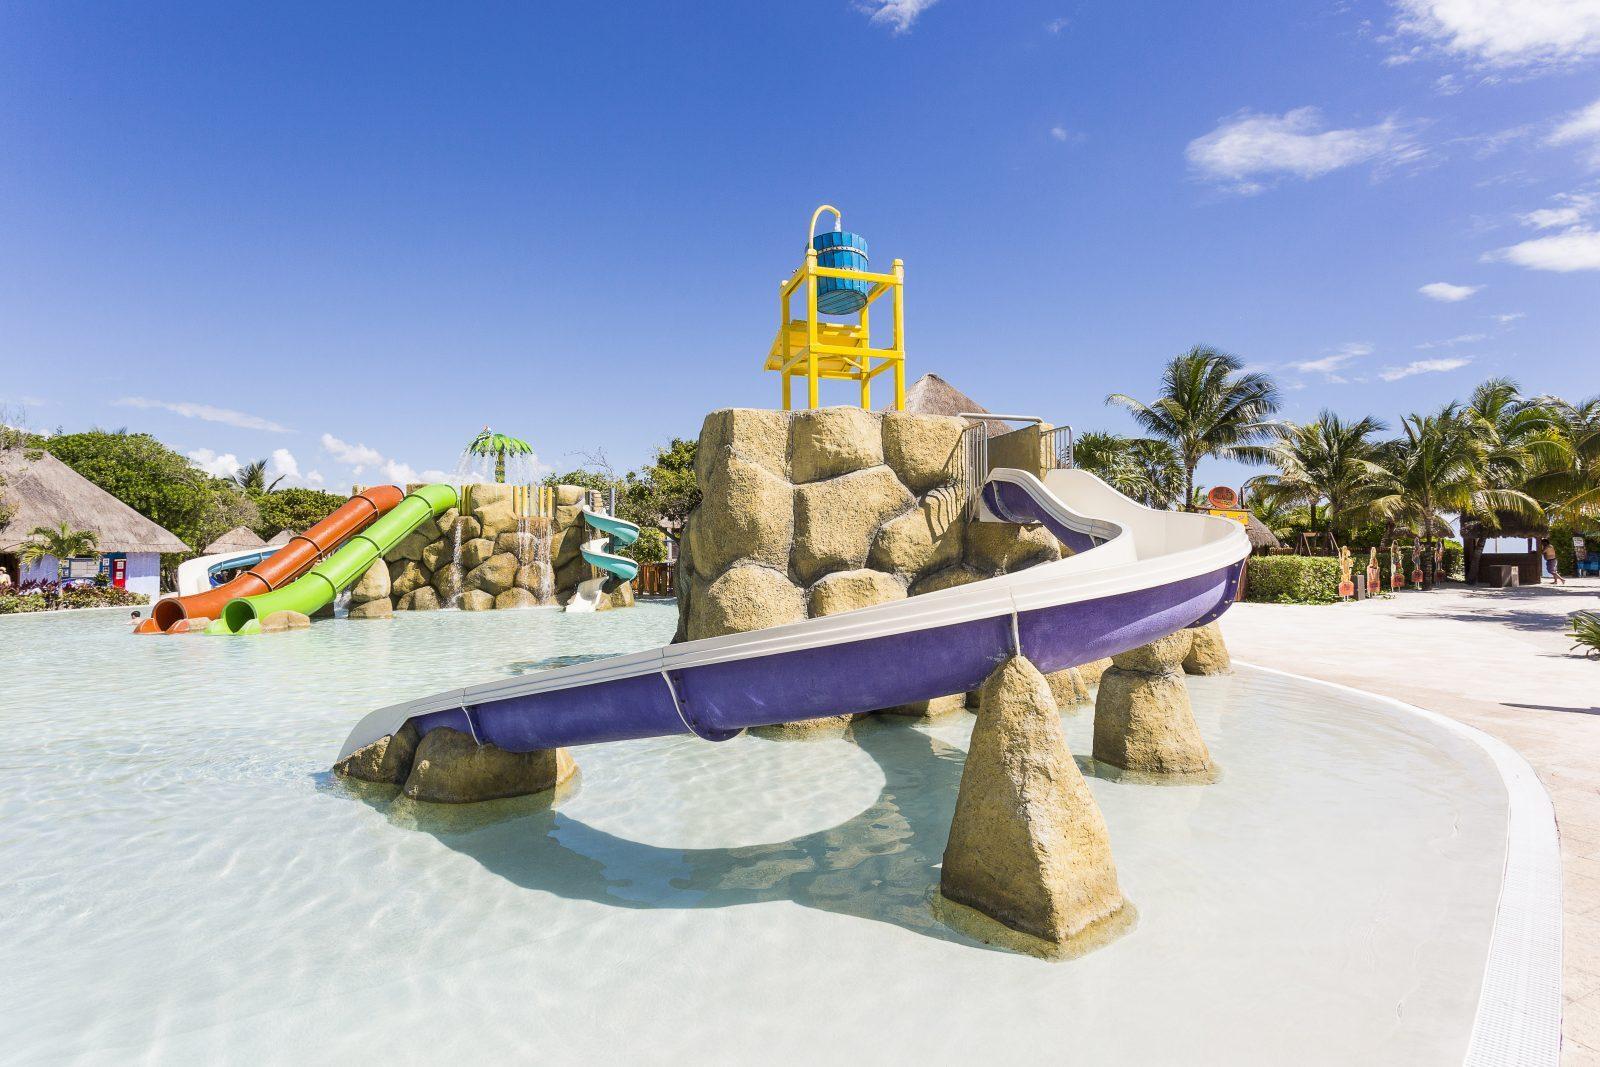 Grand Palladium Riviera Maya – Parque acuático